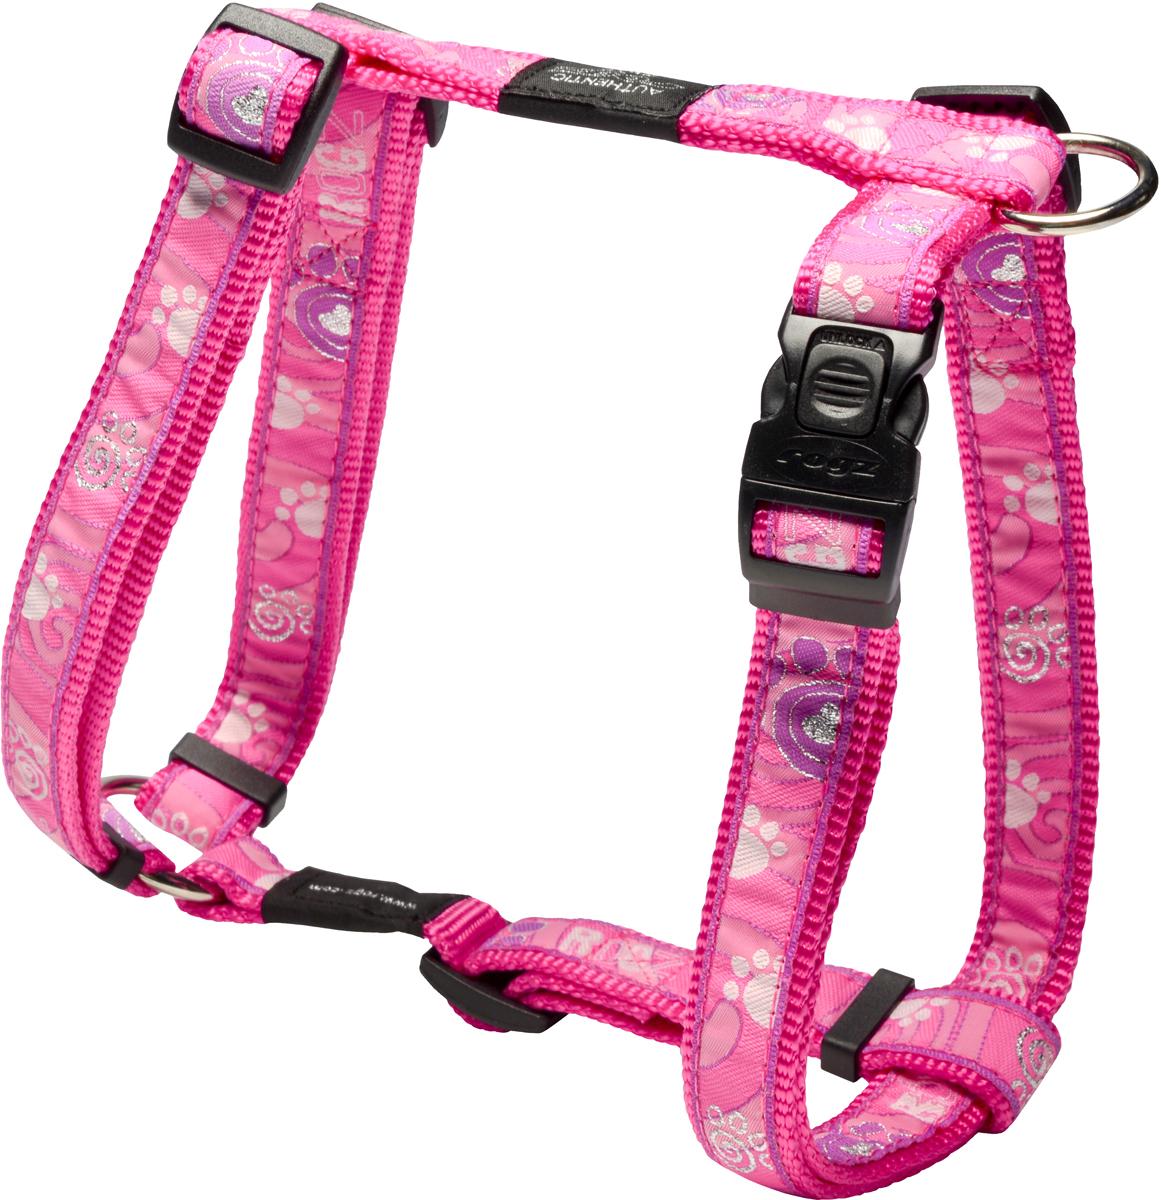 Шлейка для собак Rogz Fancy Dress, цвет: розовый, ширина 2 см12171996Шлейка для собак Rogz Fancy Dress имеет необычный дизайн. Широкая гамма потрясающе красивых орнаментов на прочной тесьме поверх нейлоновой ленты украсит вашего питомца.Застегивается, не доставляя неудобство собаке.Специальная конструкция пряжки Rog Loc - очень крепкая(система Fort Knox). Замок может быть расстегнут только рукой человека.С помощью системы ремней изделие подгоняется под животного индивидуально.Необыкновенно крепкая и прочная шлейка.Выполненные по заказу литые кольца выдерживают значительные физические нагрузки и имеют хромирование, нанесенное гальваническим способом, что позволяет избежать коррозии и потускнения изделия.Легко можно прикрепить к ошейнику и поводку.